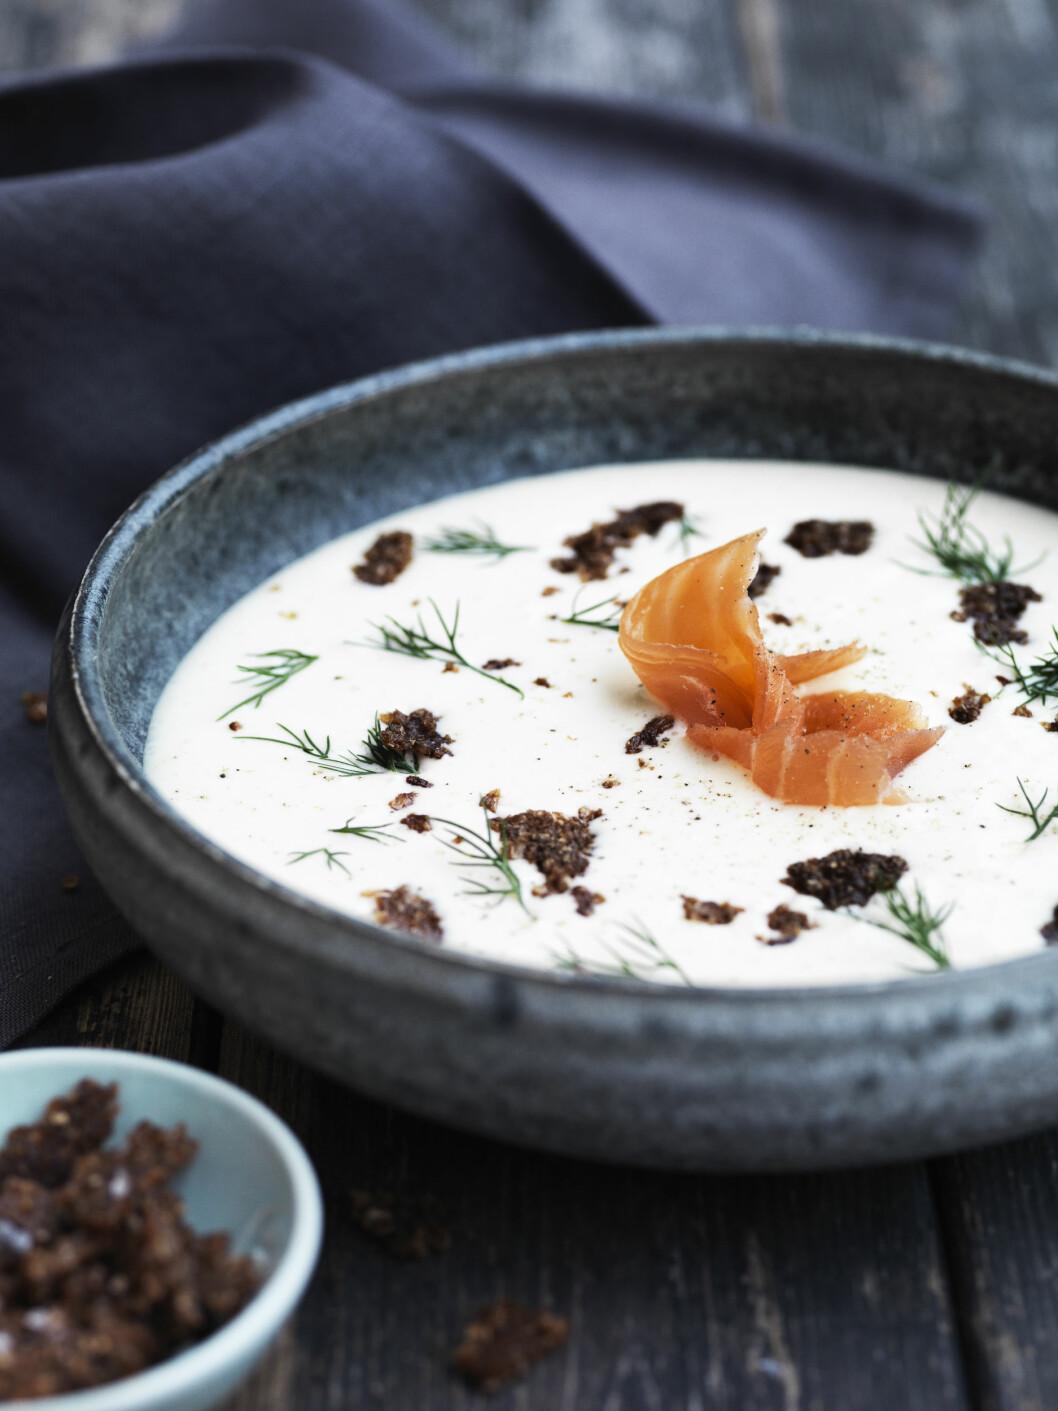 POTETSUPPE: Denne suppen tar under en halvtime å lage og ser fin ut servert - perfekt om du skal ha selskap. Foto: All Over Press